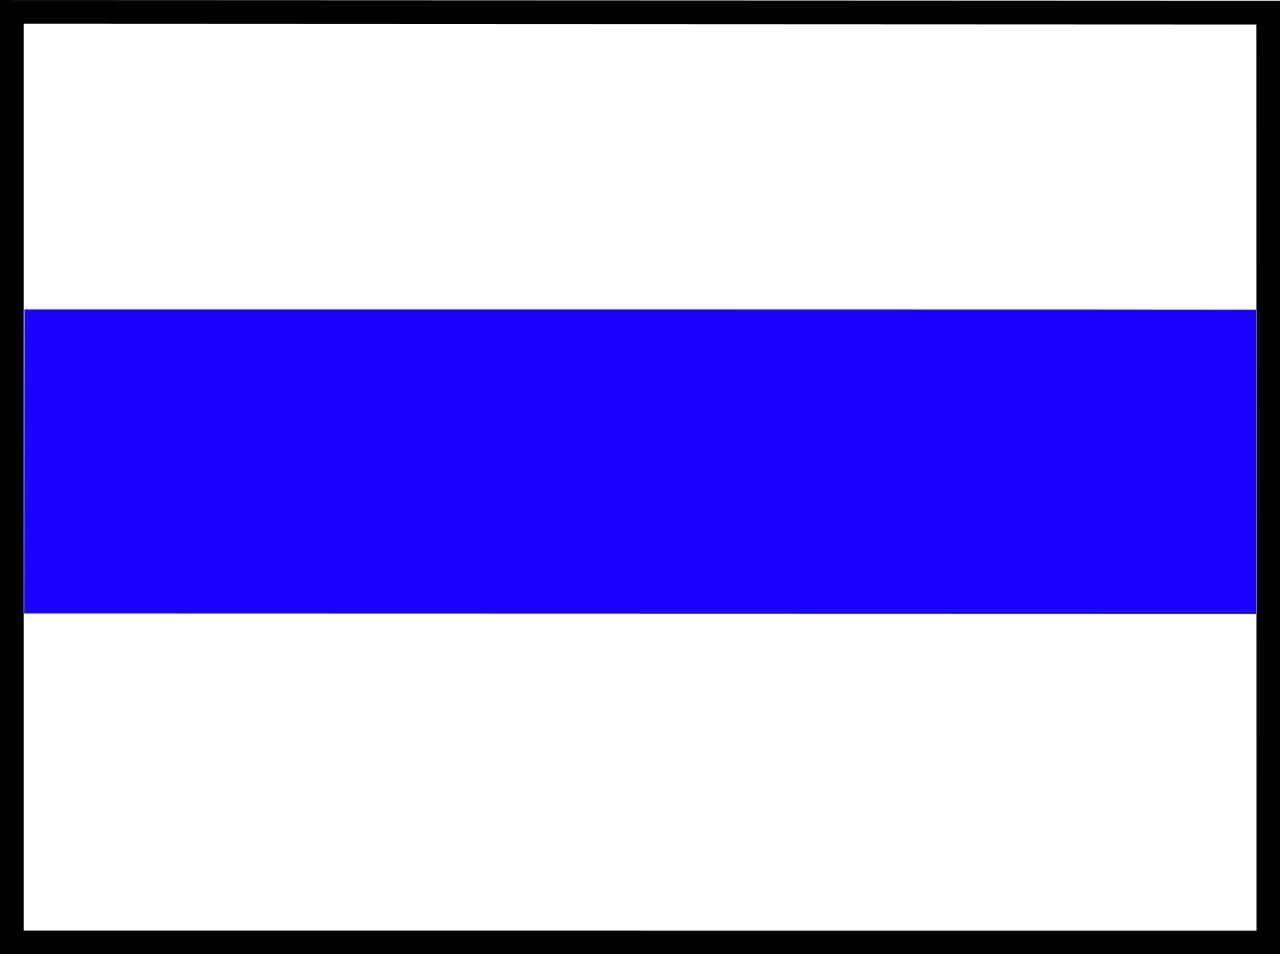 Milyen útvonalat jelöl általában a kék sávjelzés?